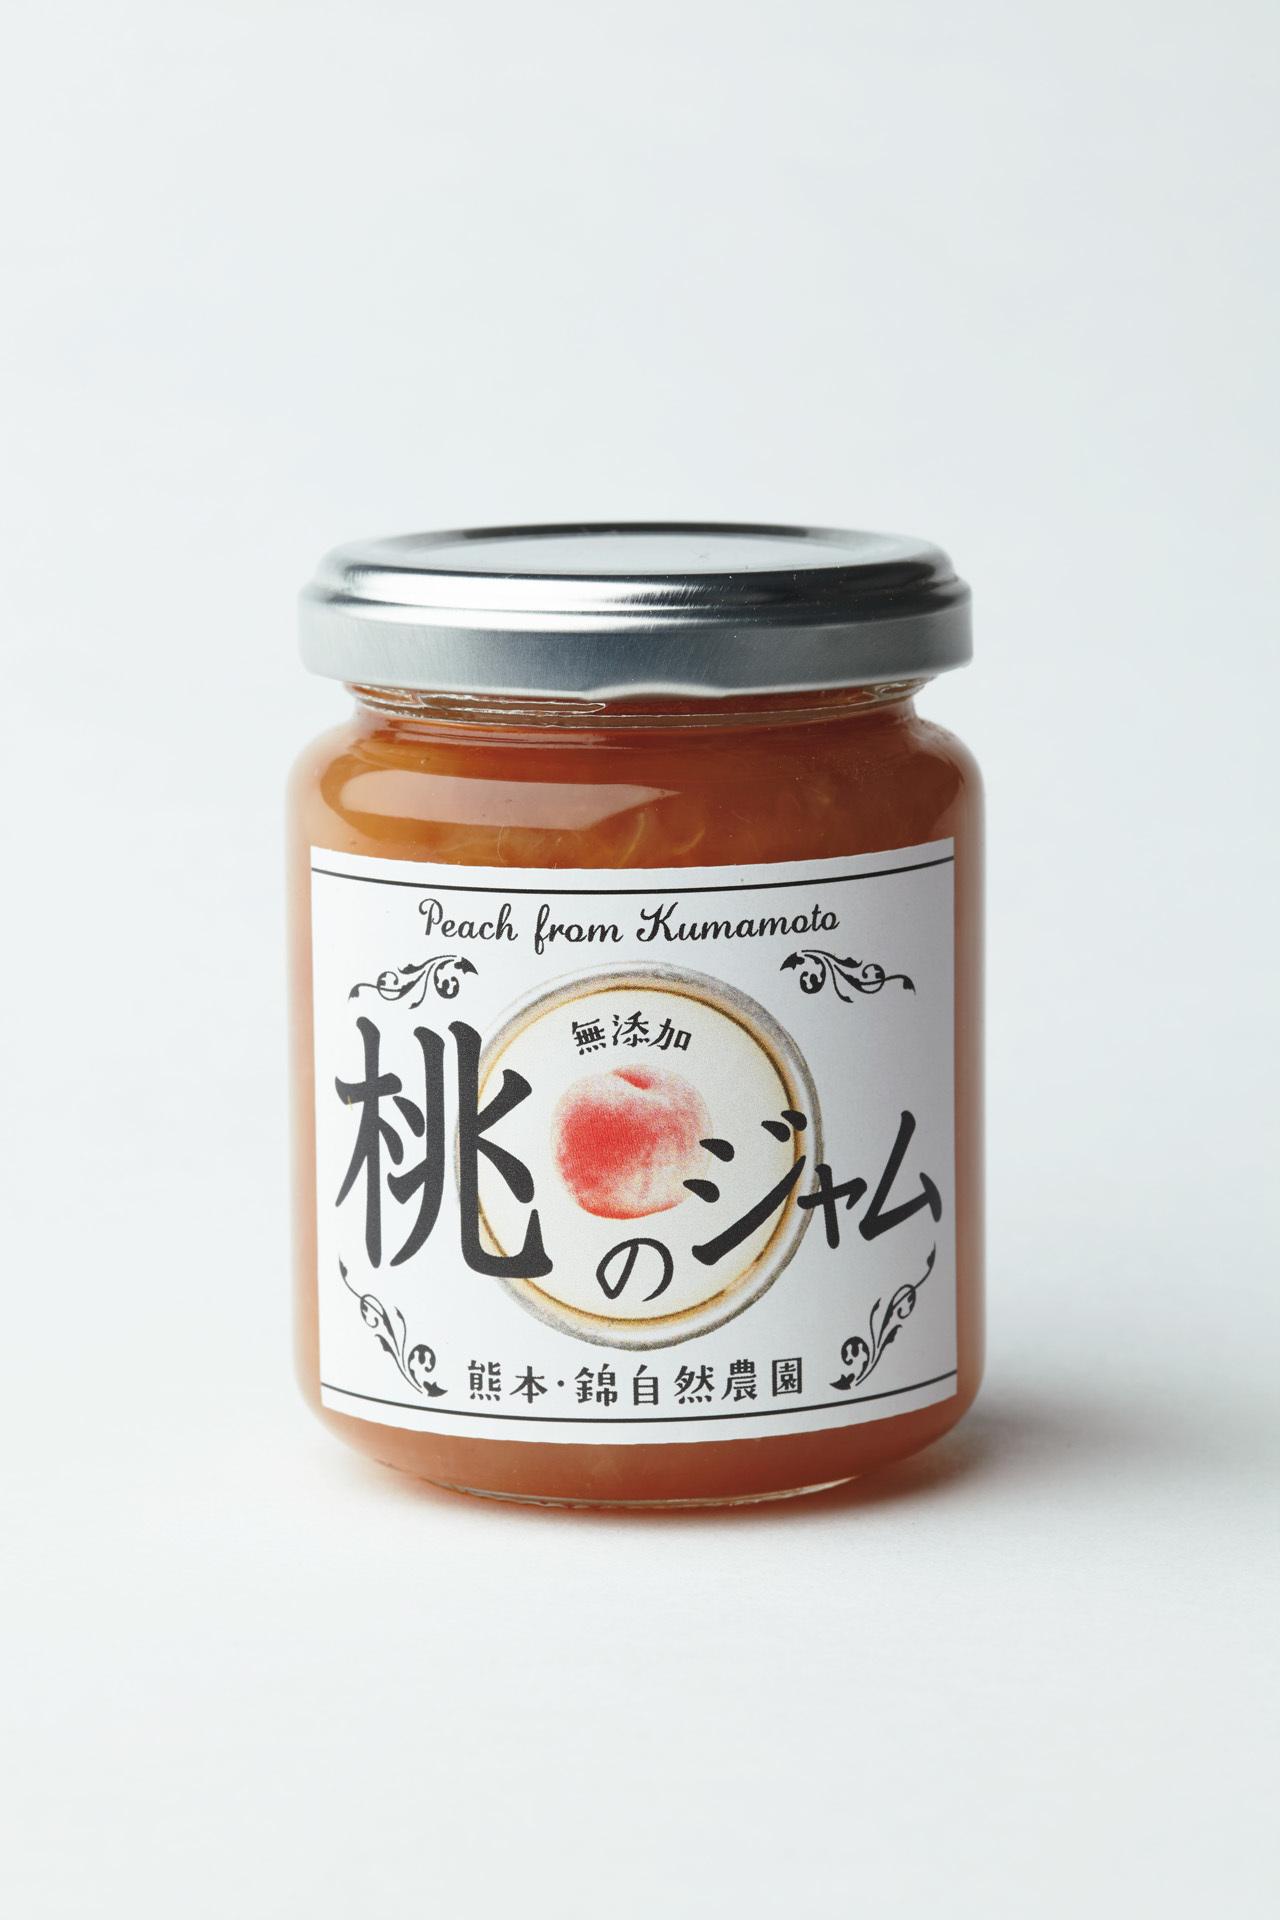 チーズや生ハムとの相性も抜群 錦自然農園の 「桃のジャム」_1_1